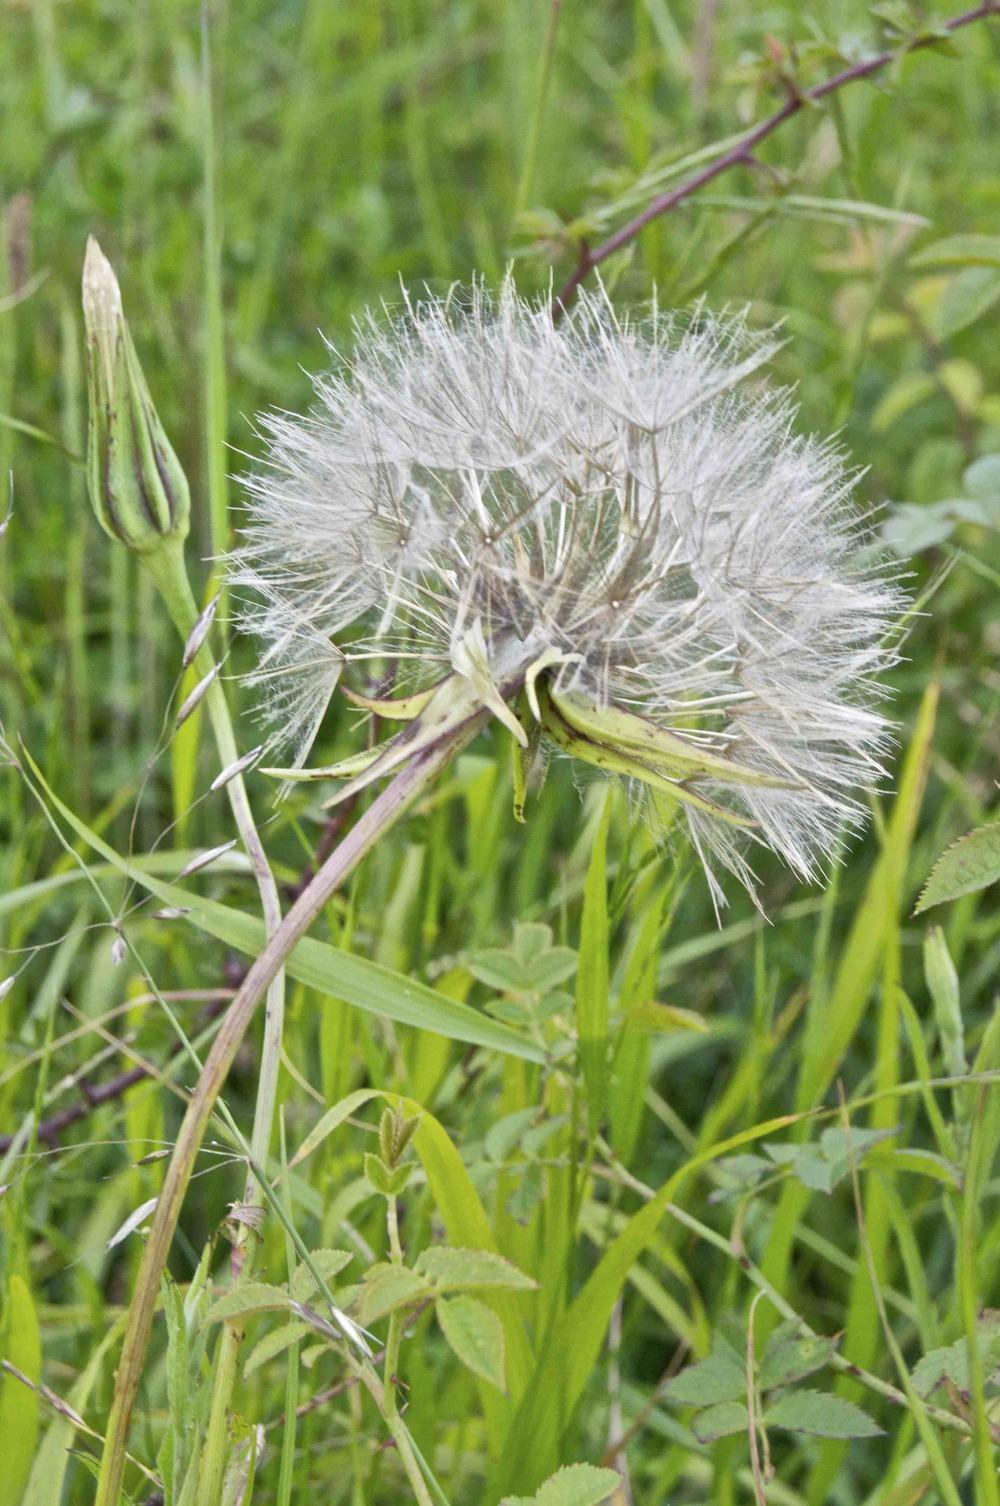 Dandelion seedhead (Taraxacum)